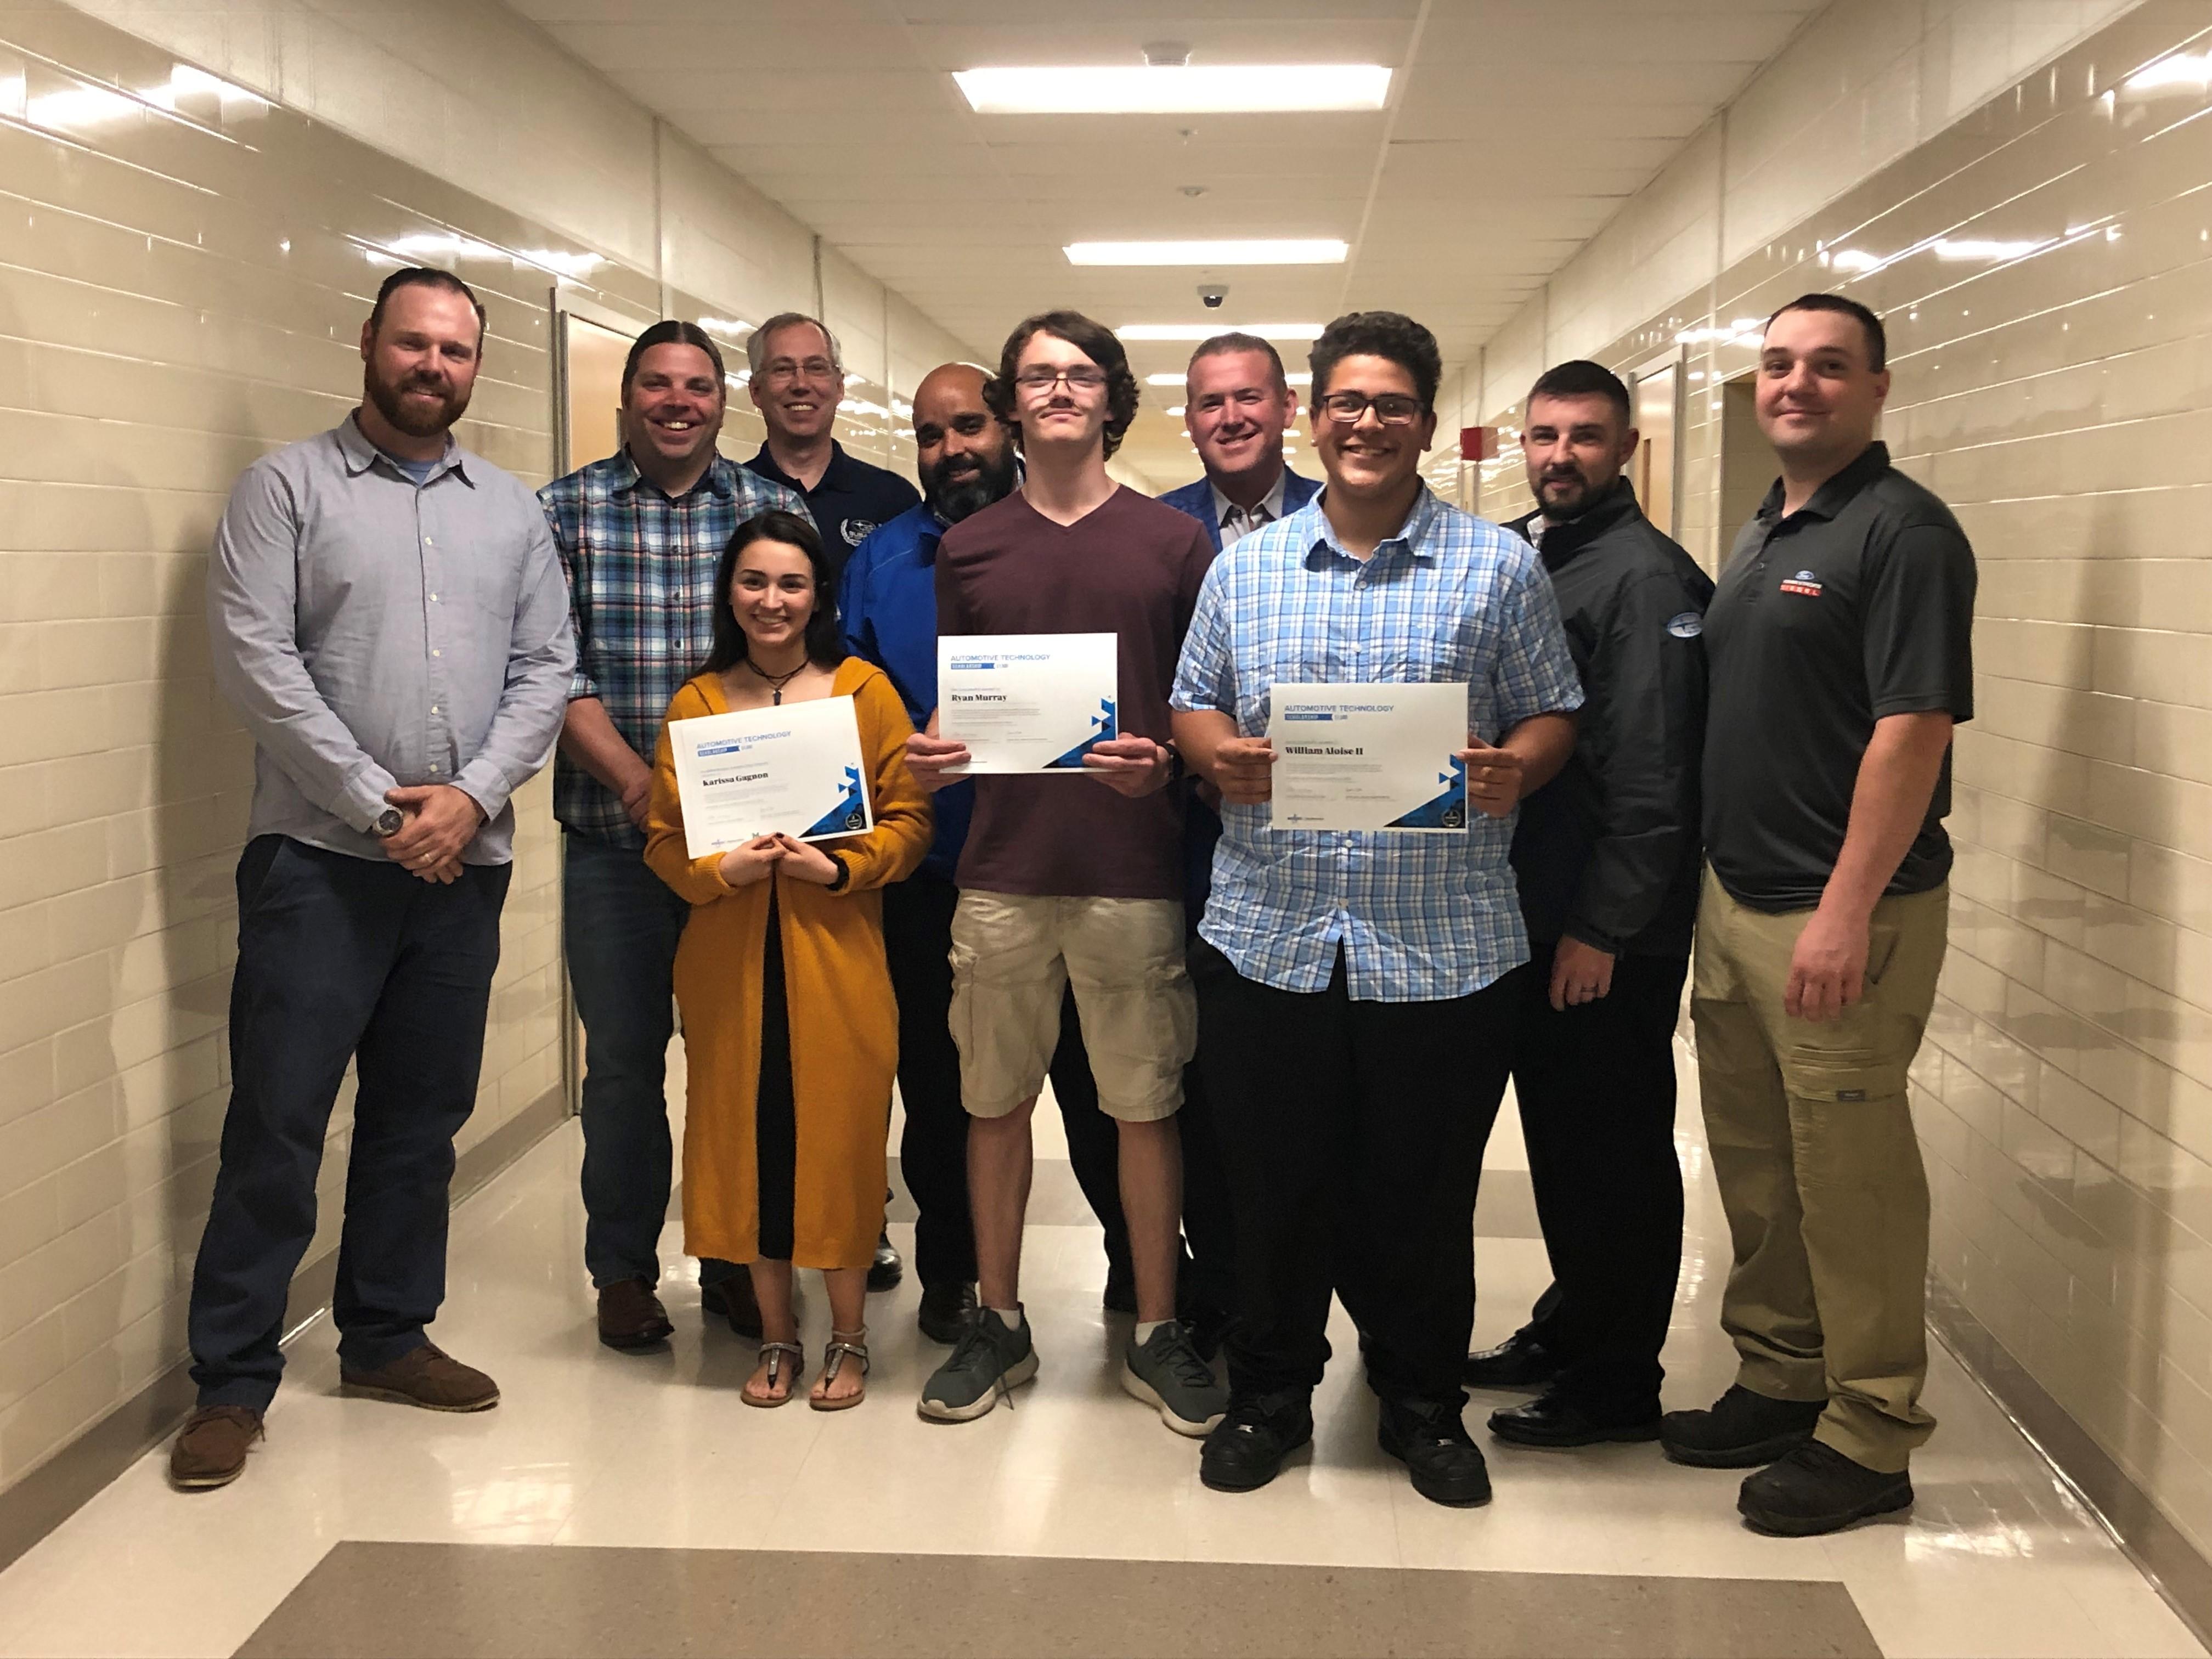 3 Salem Students are Awarded Automotive Technology Scholarships